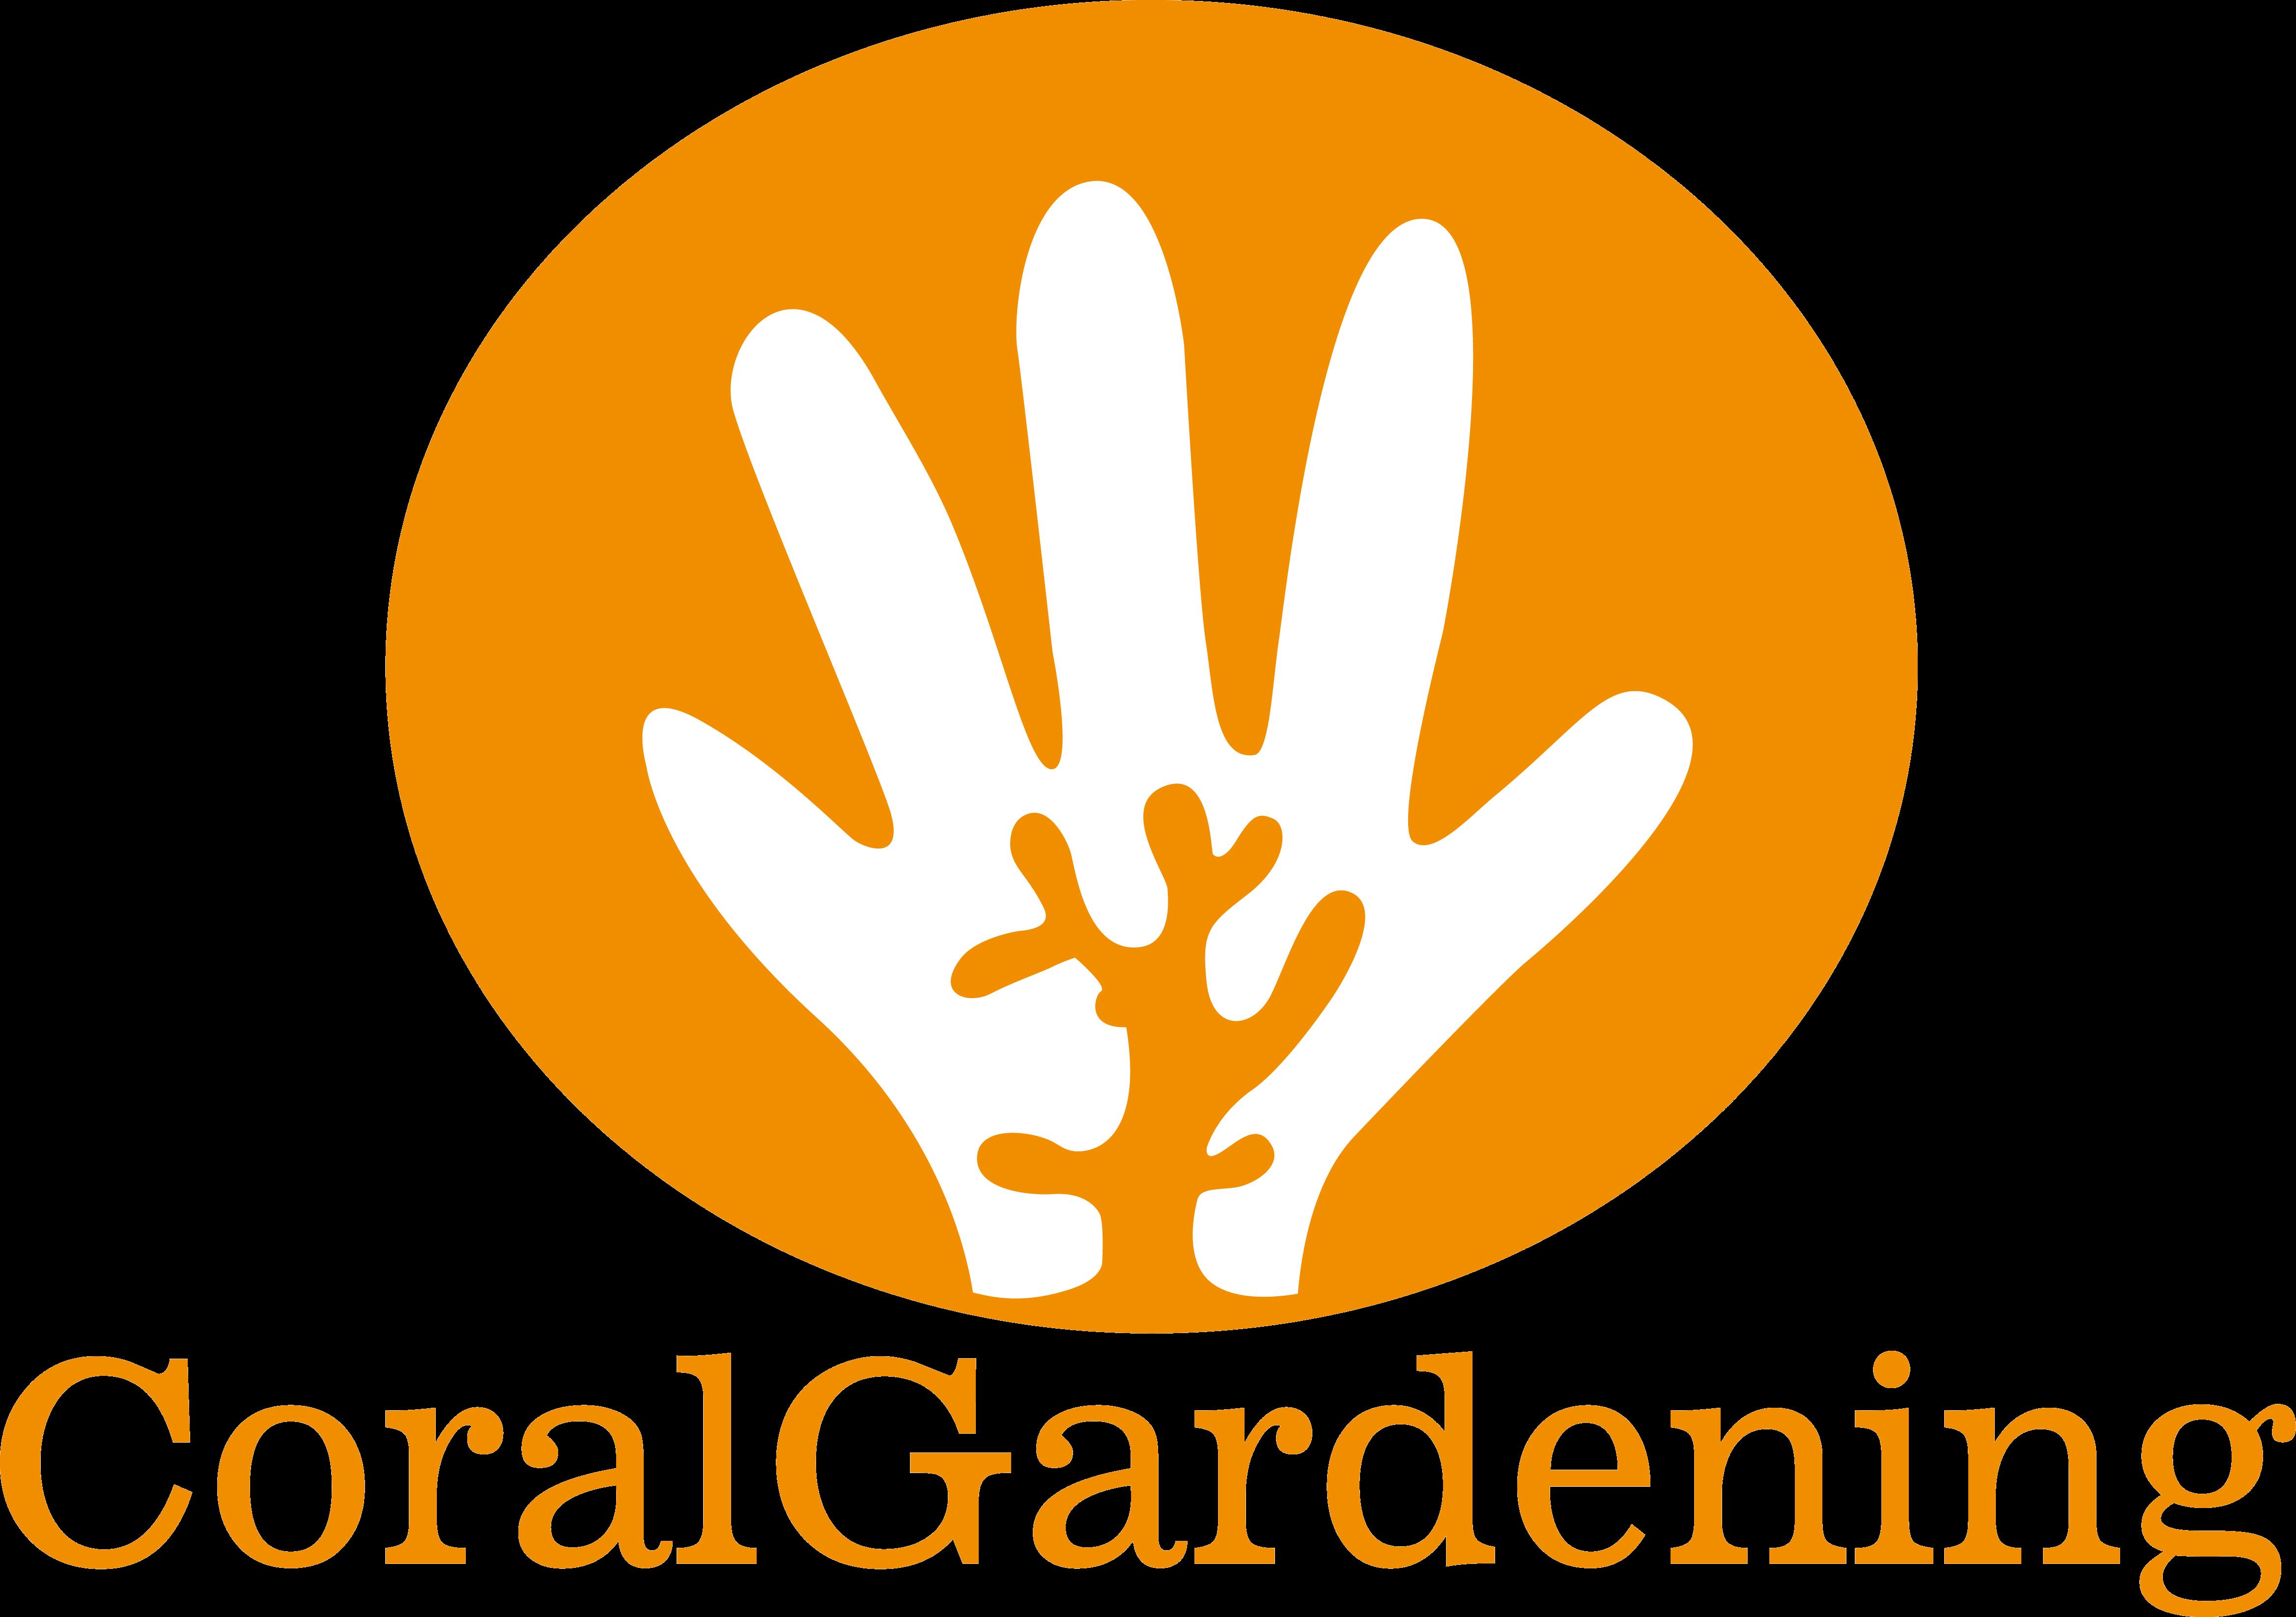 CoralGardening logo